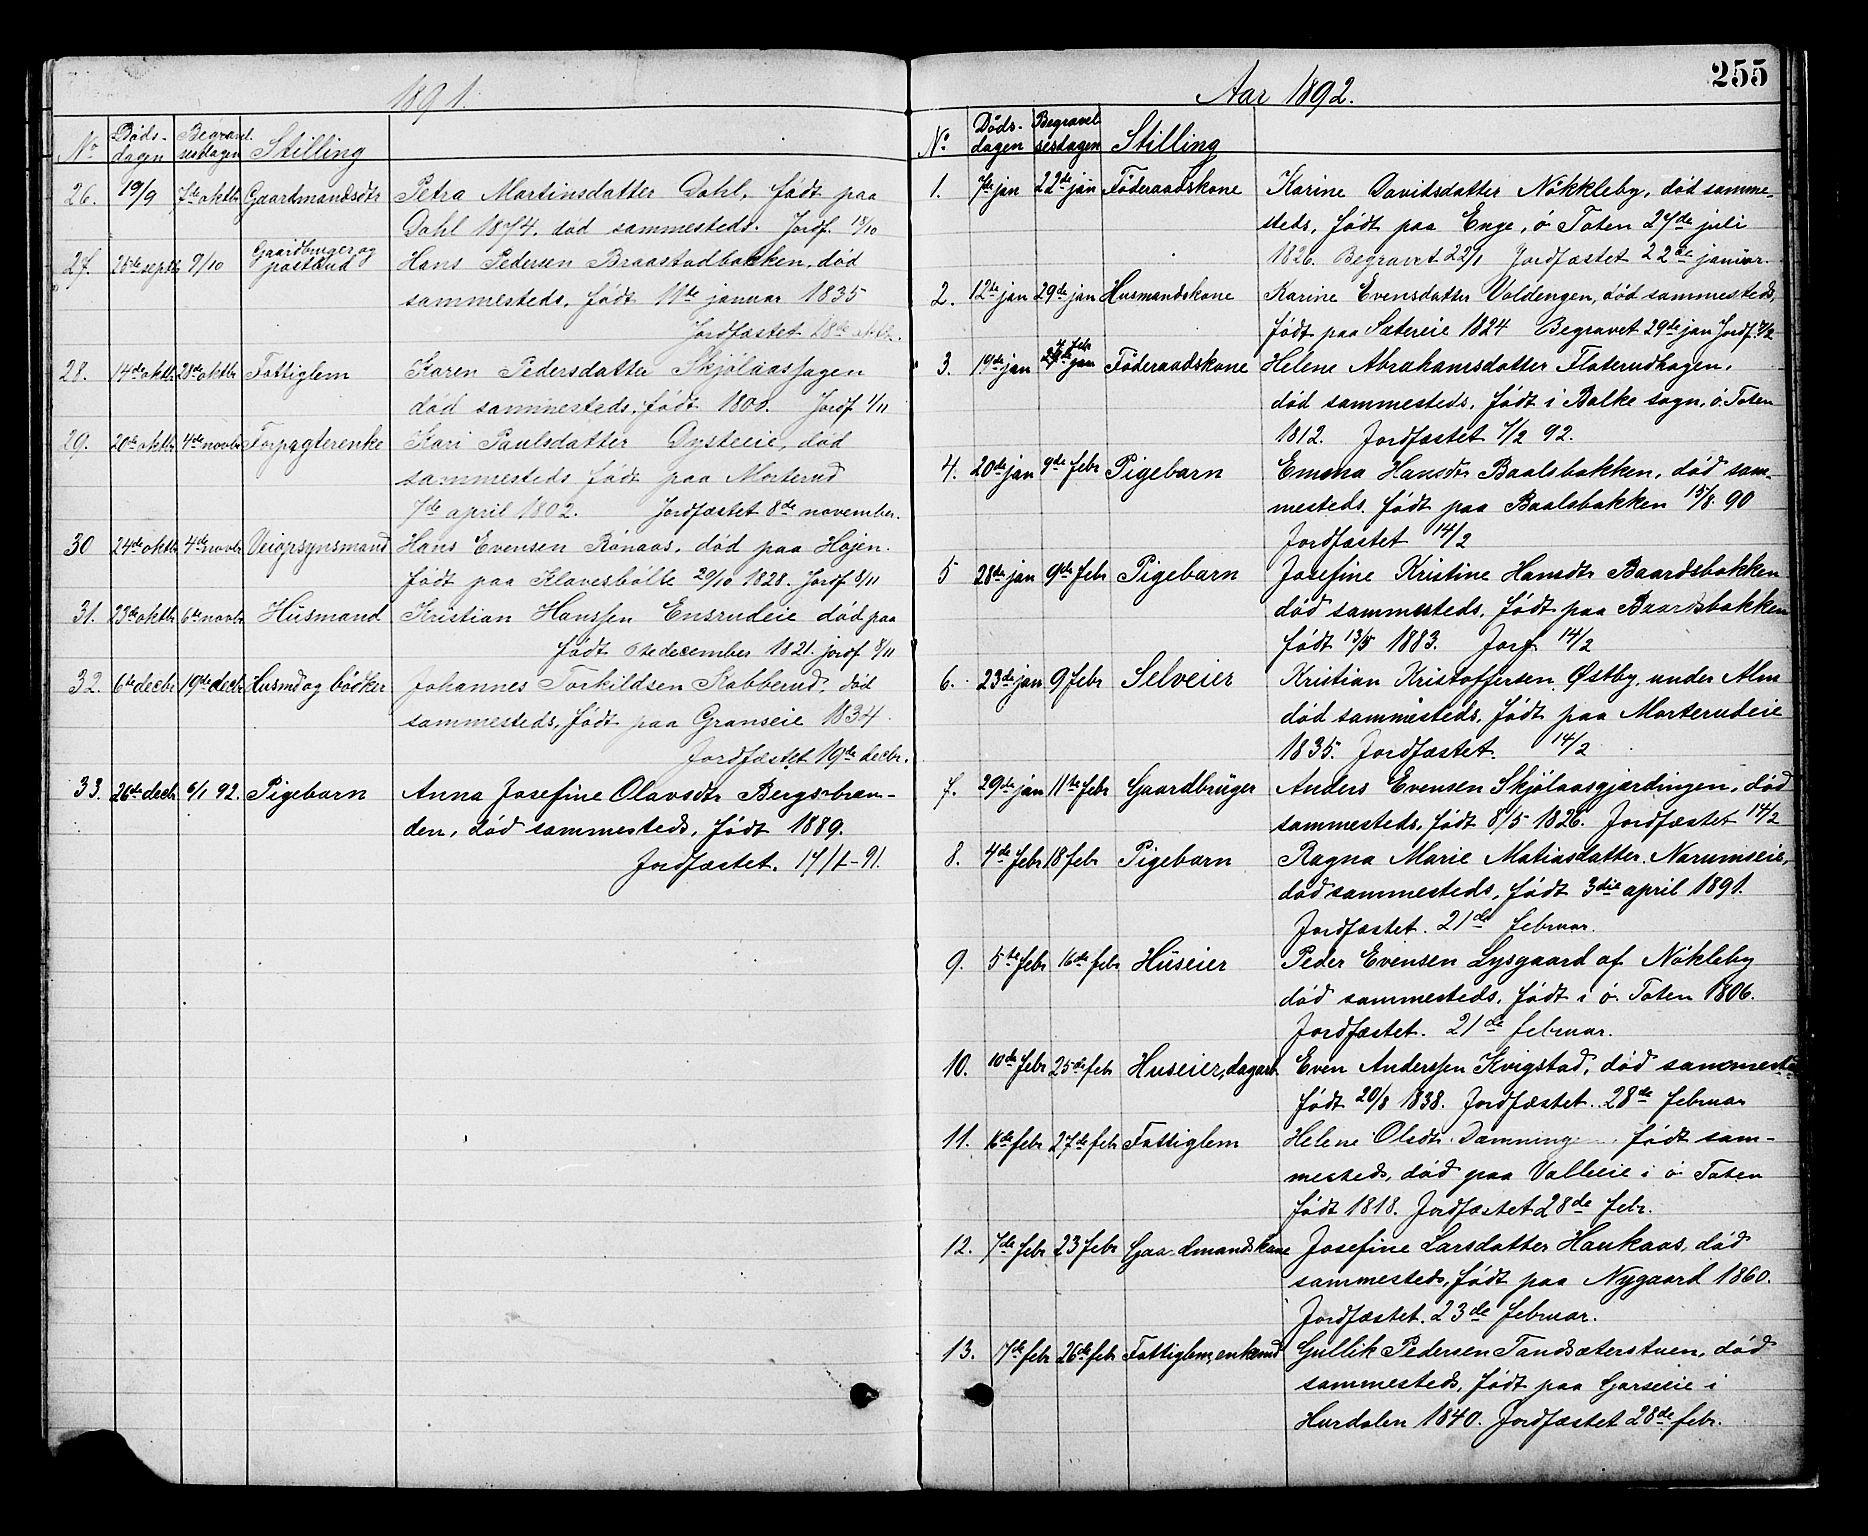 SAH, Vestre Toten prestekontor, H/Ha/Hab/L0008: Klokkerbok nr. 8, 1885-1900, s. 255